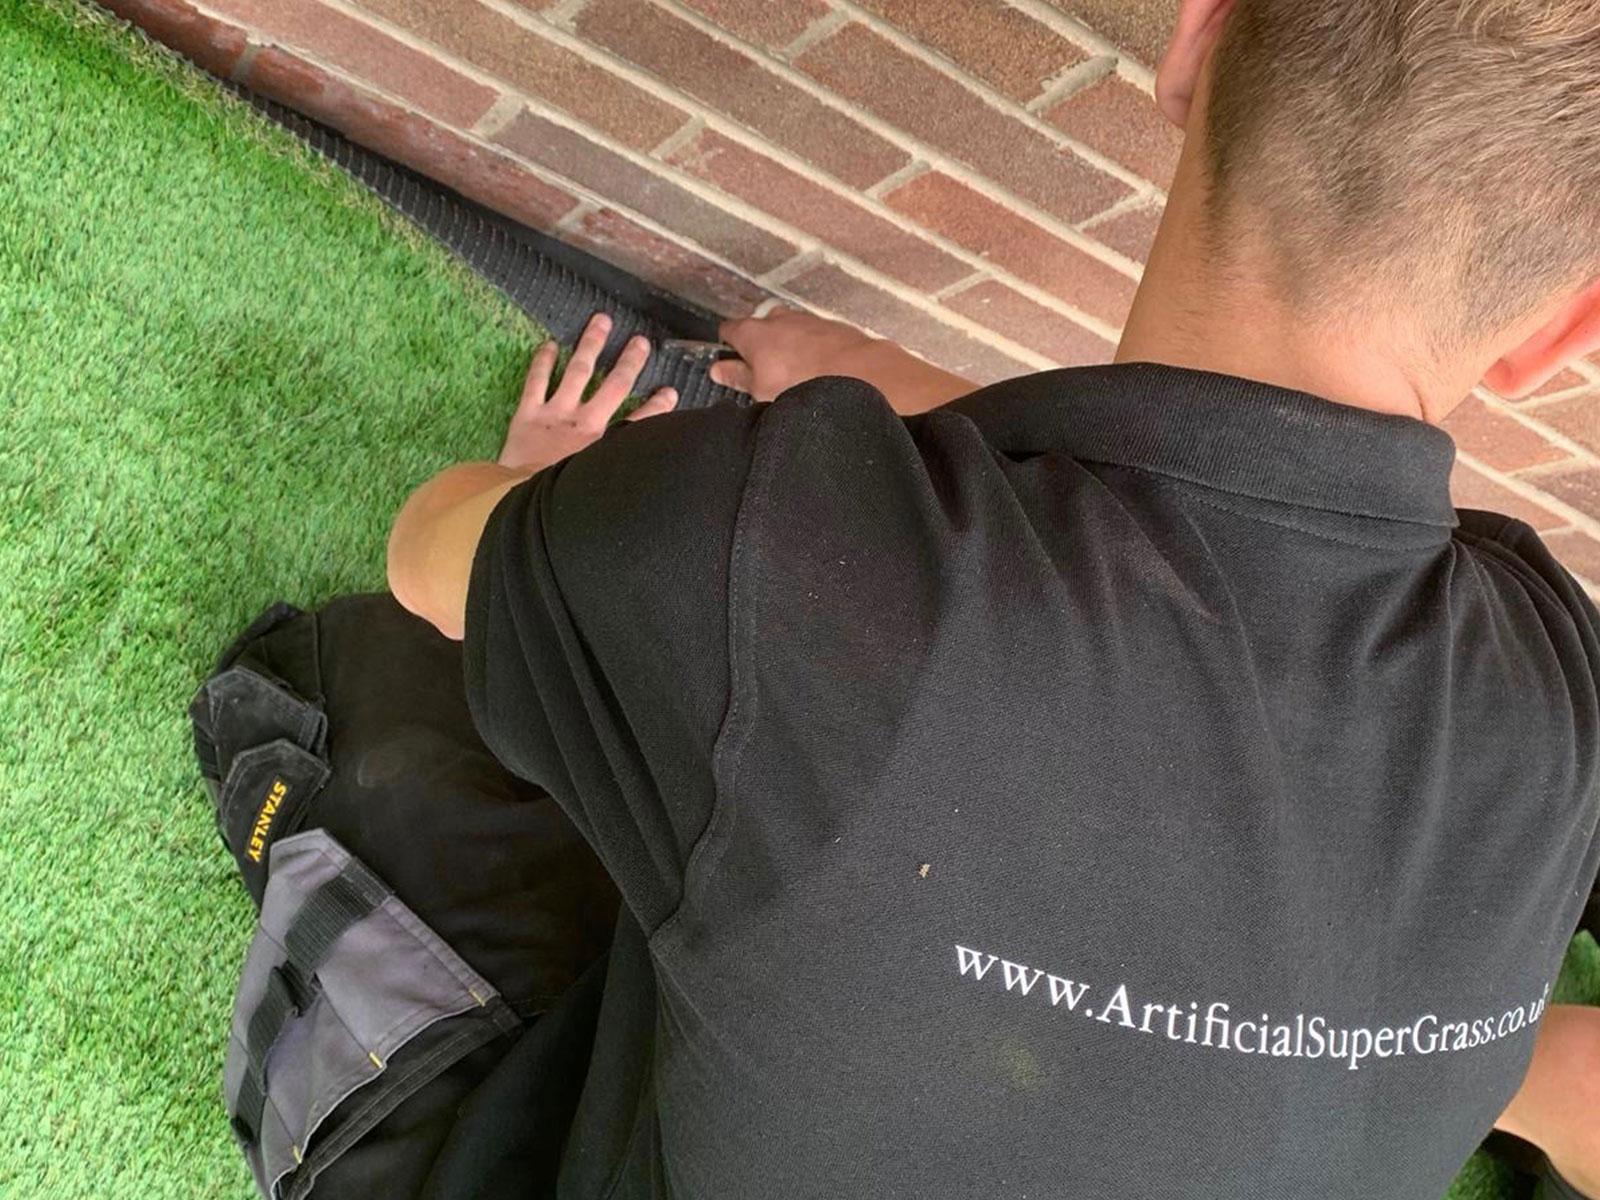 Artificial Grass For Dogs Worksop Artificial Super Grass